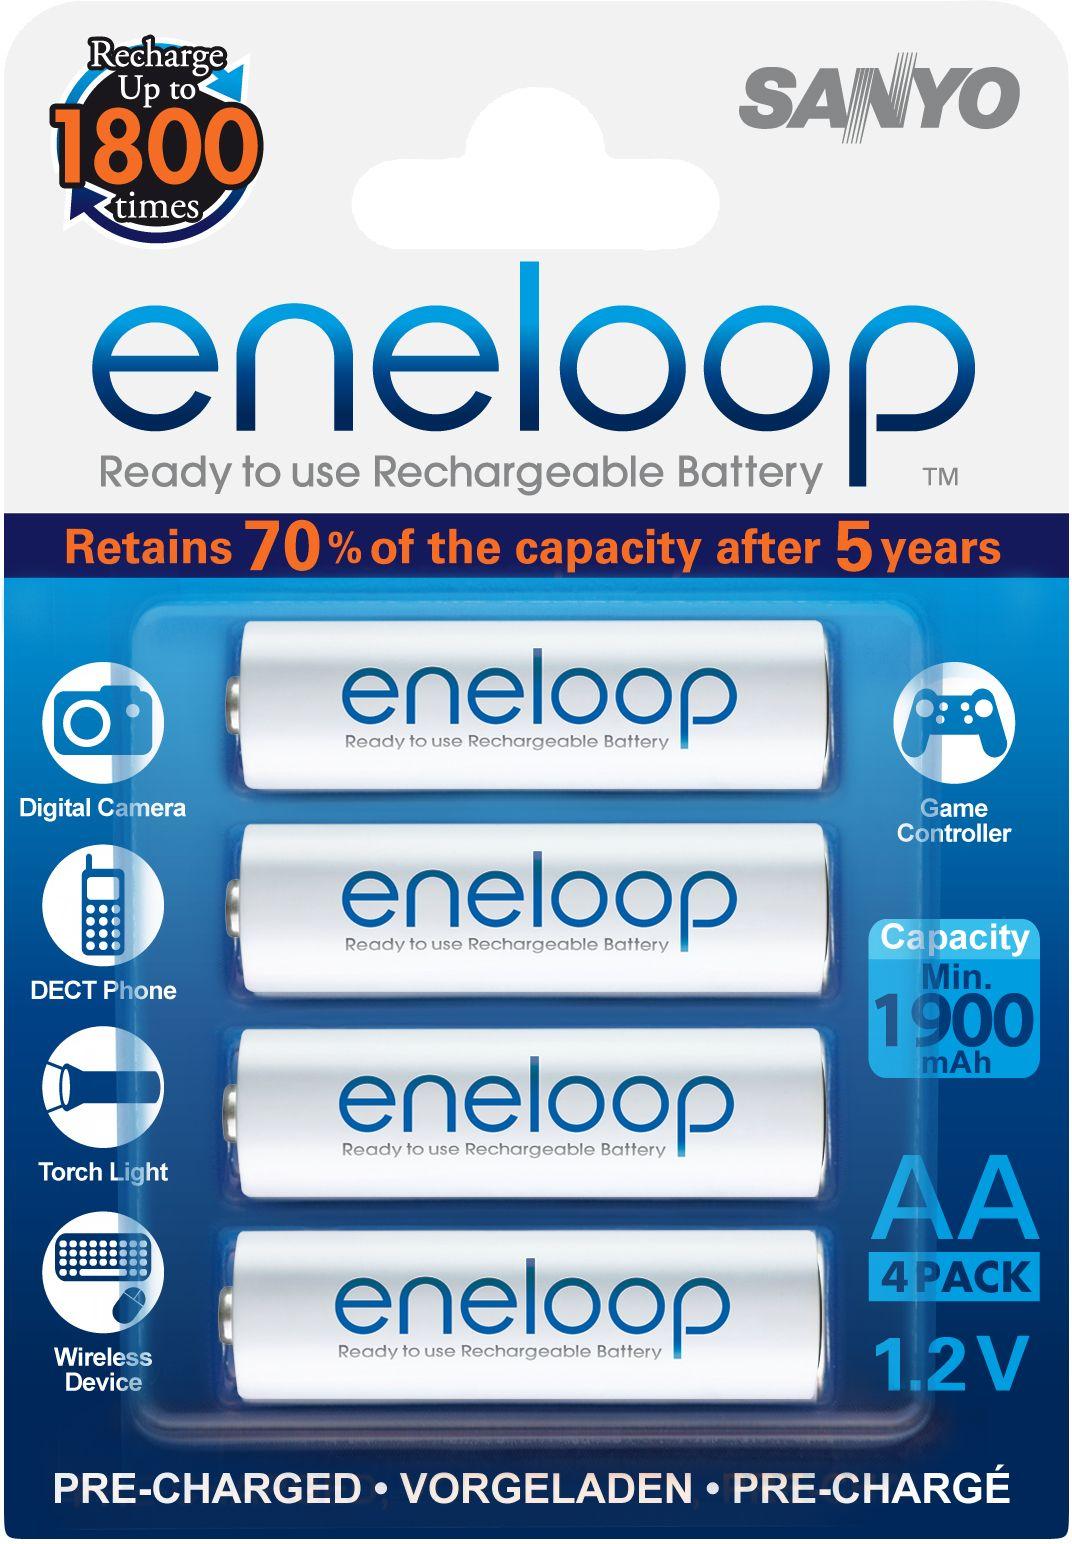 Sanyo Aa Eneloop Rechargeable Batteries Sanyo Recharge